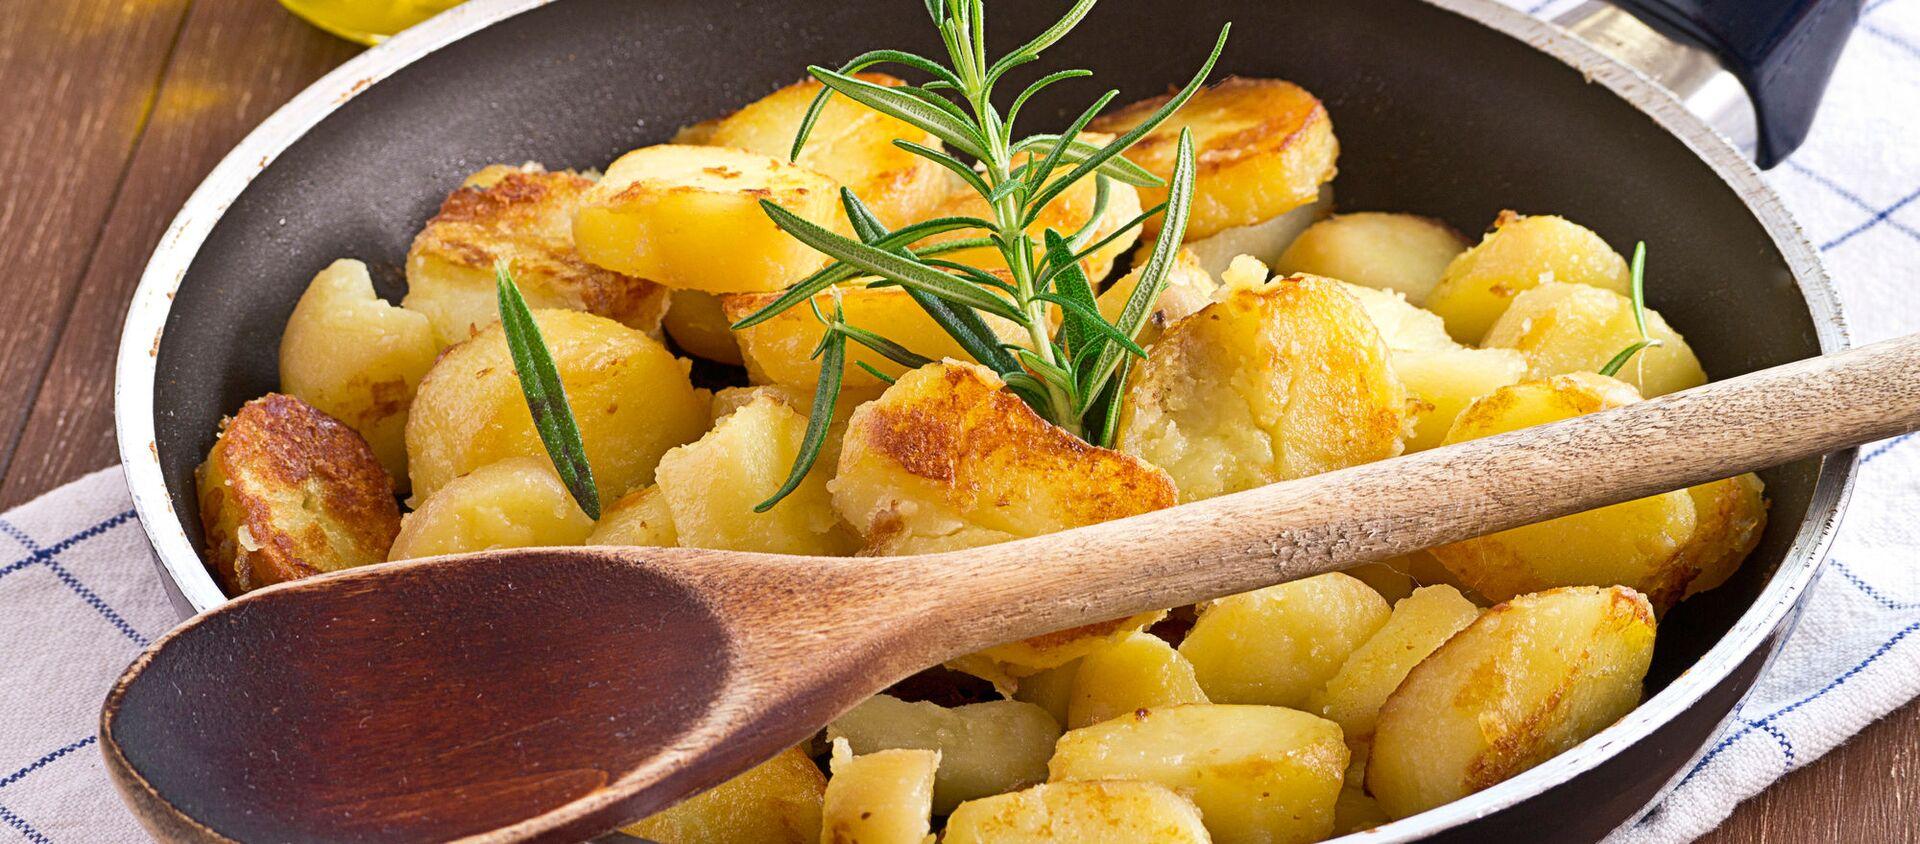 Smažené brambory - Sputnik Česká republika, 1920, 03.04.2021